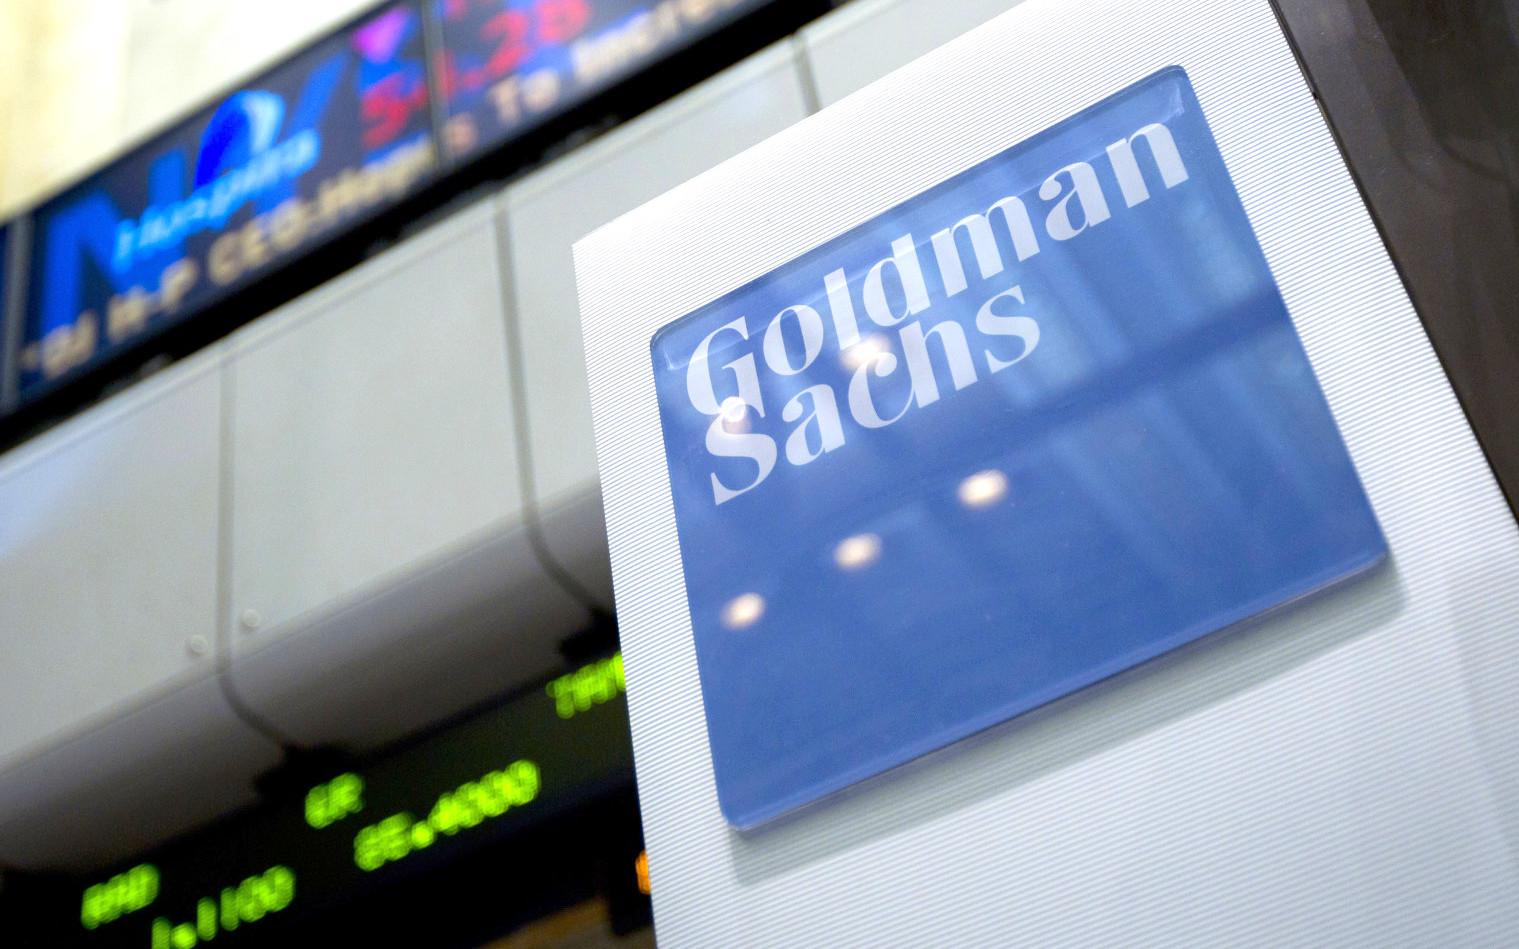 優秀なビジネスマンでもカンニング!?ゴールドマンサックス社員20人が社内テストでの違反で懲戒処分に。